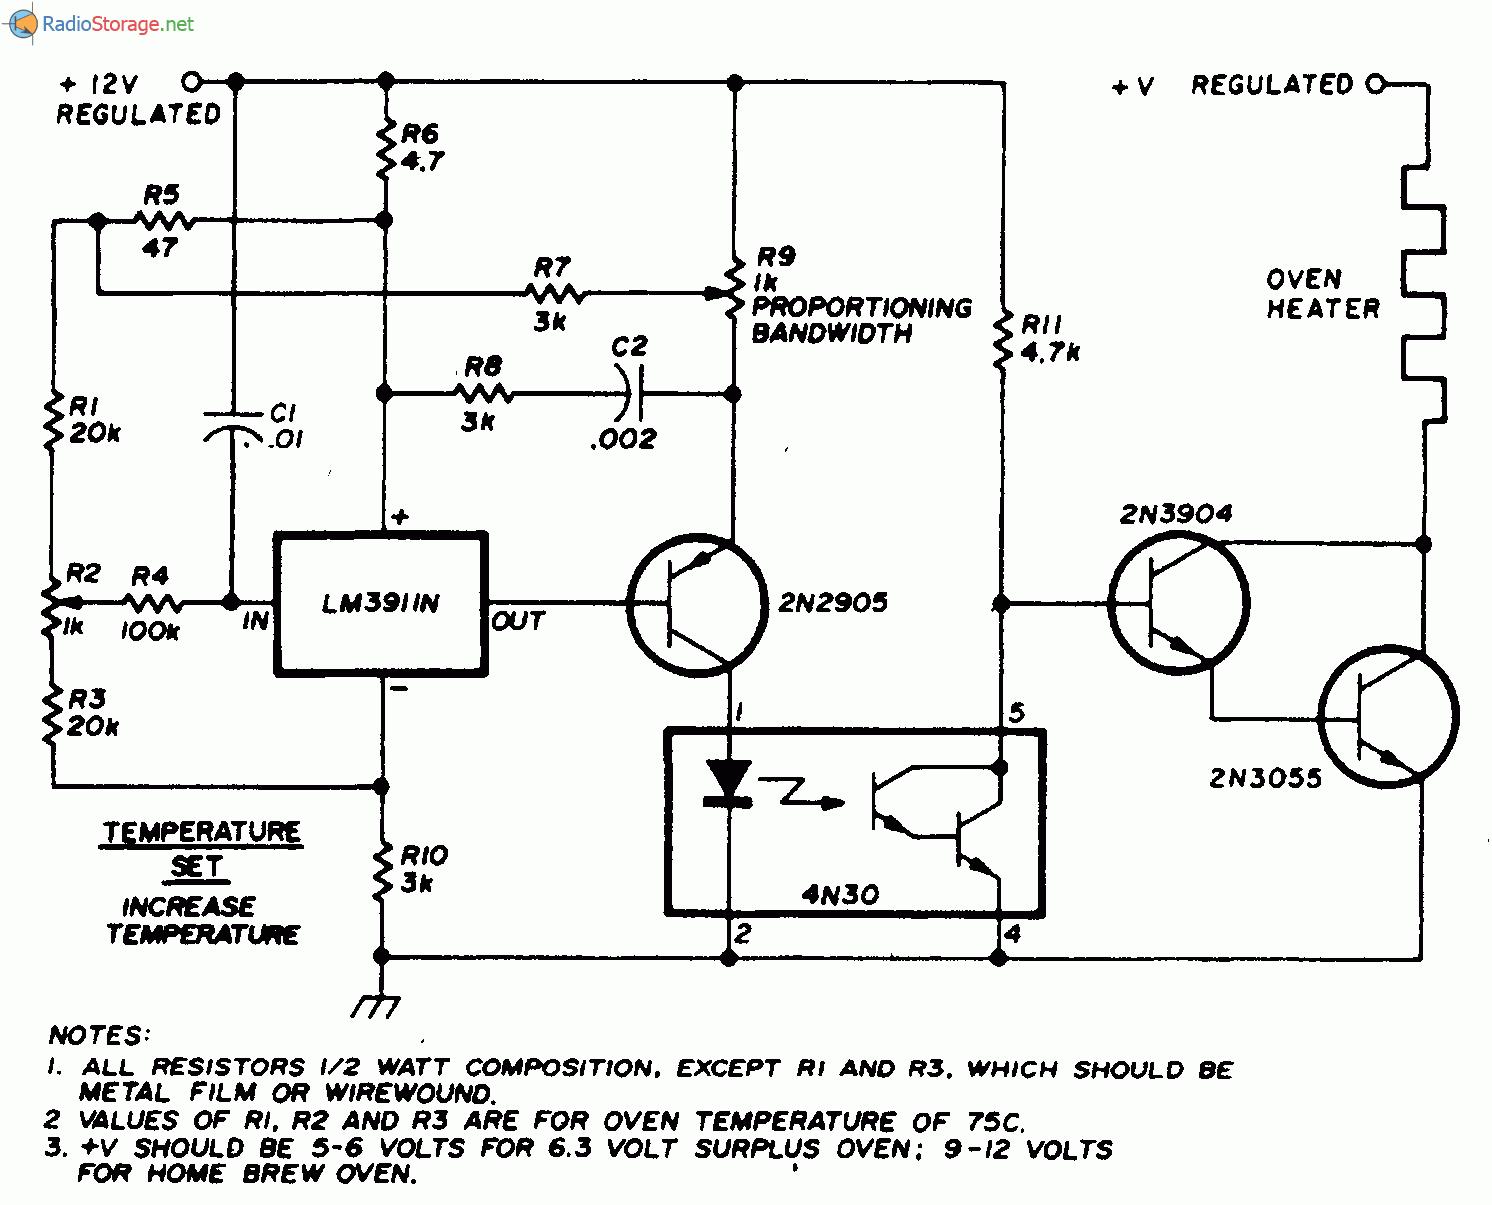 кварцевый резонатор обозначение на схеме - Микросхемы.